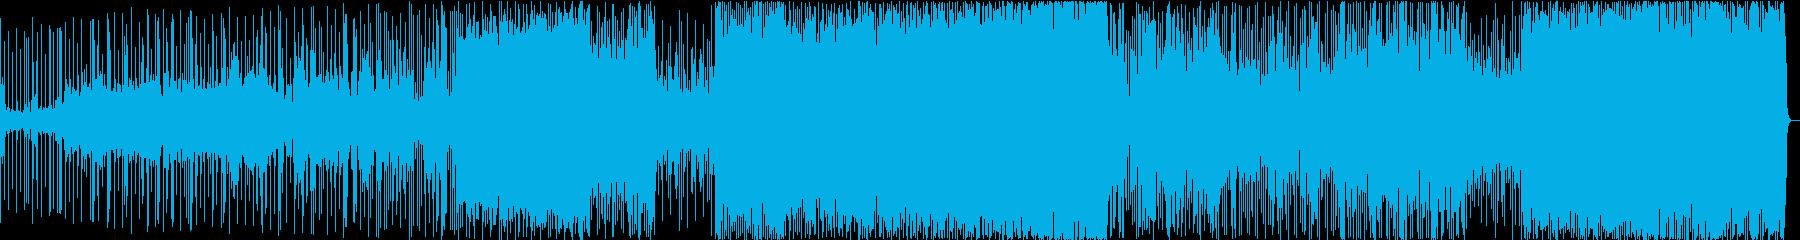 Triooo - VOLの再生済みの波形